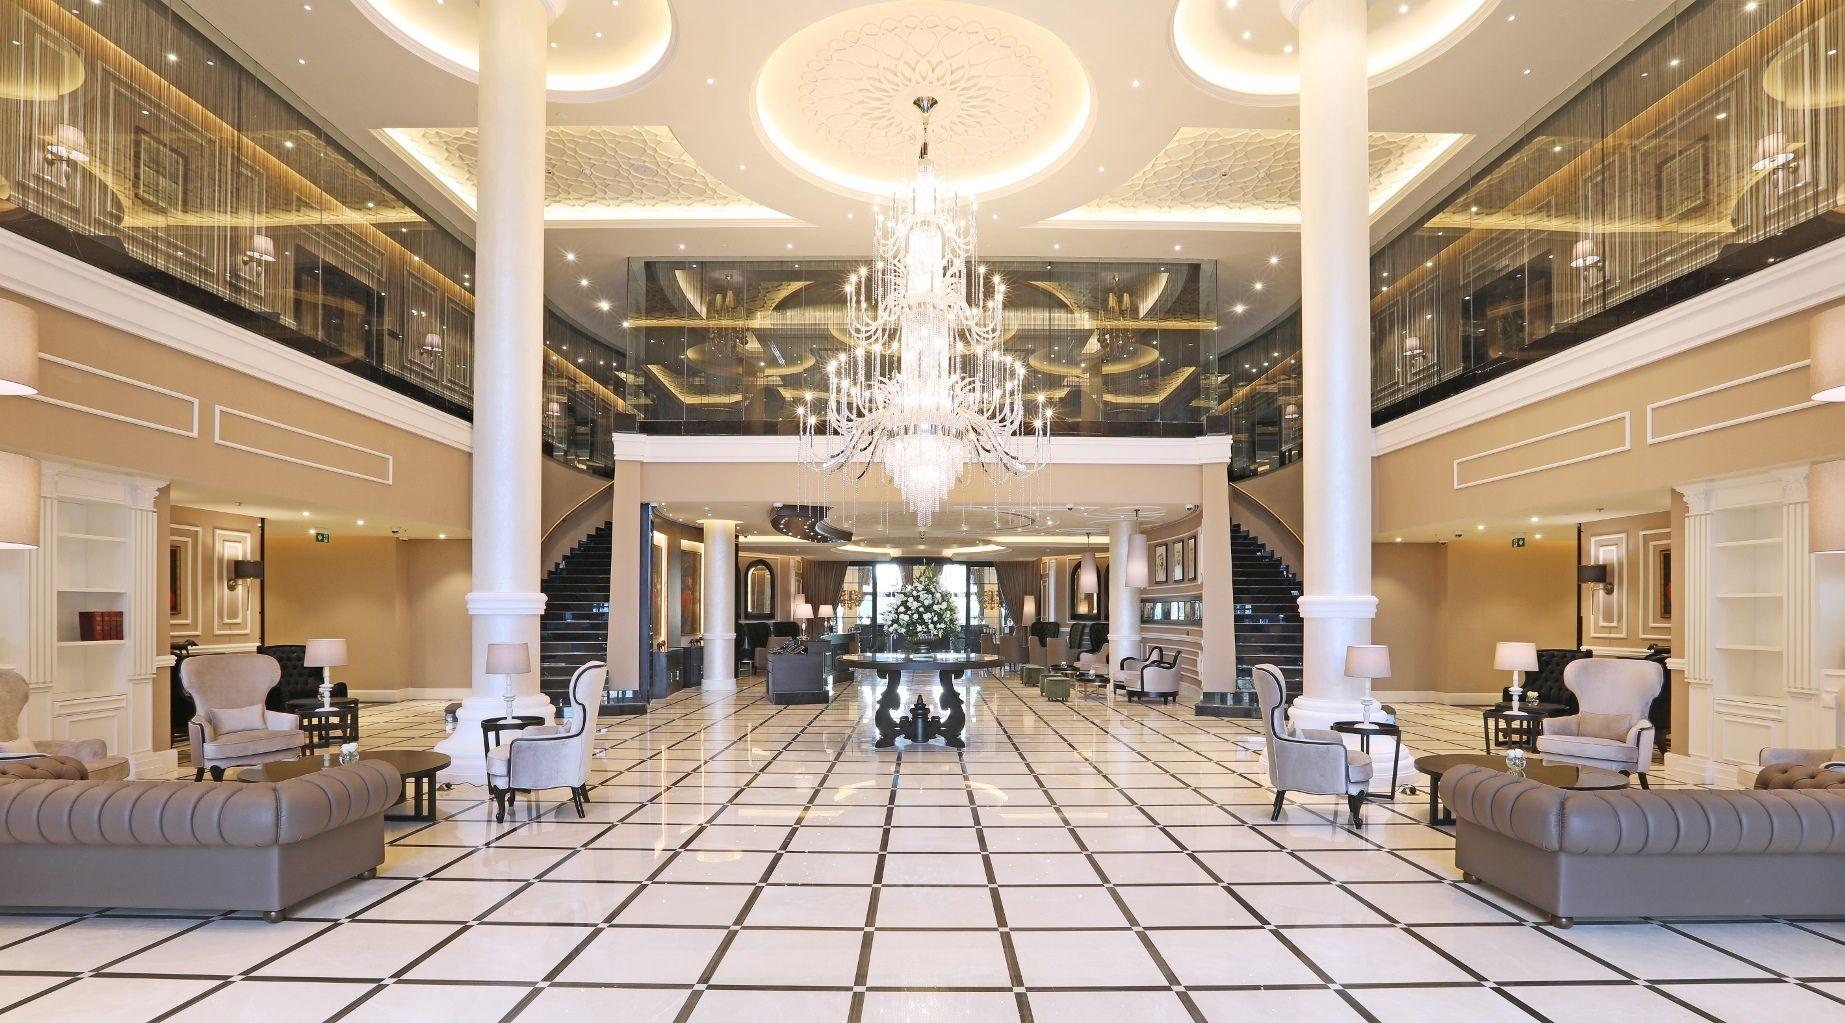 DUKES Dubai named 'World's Leading New Hotel'